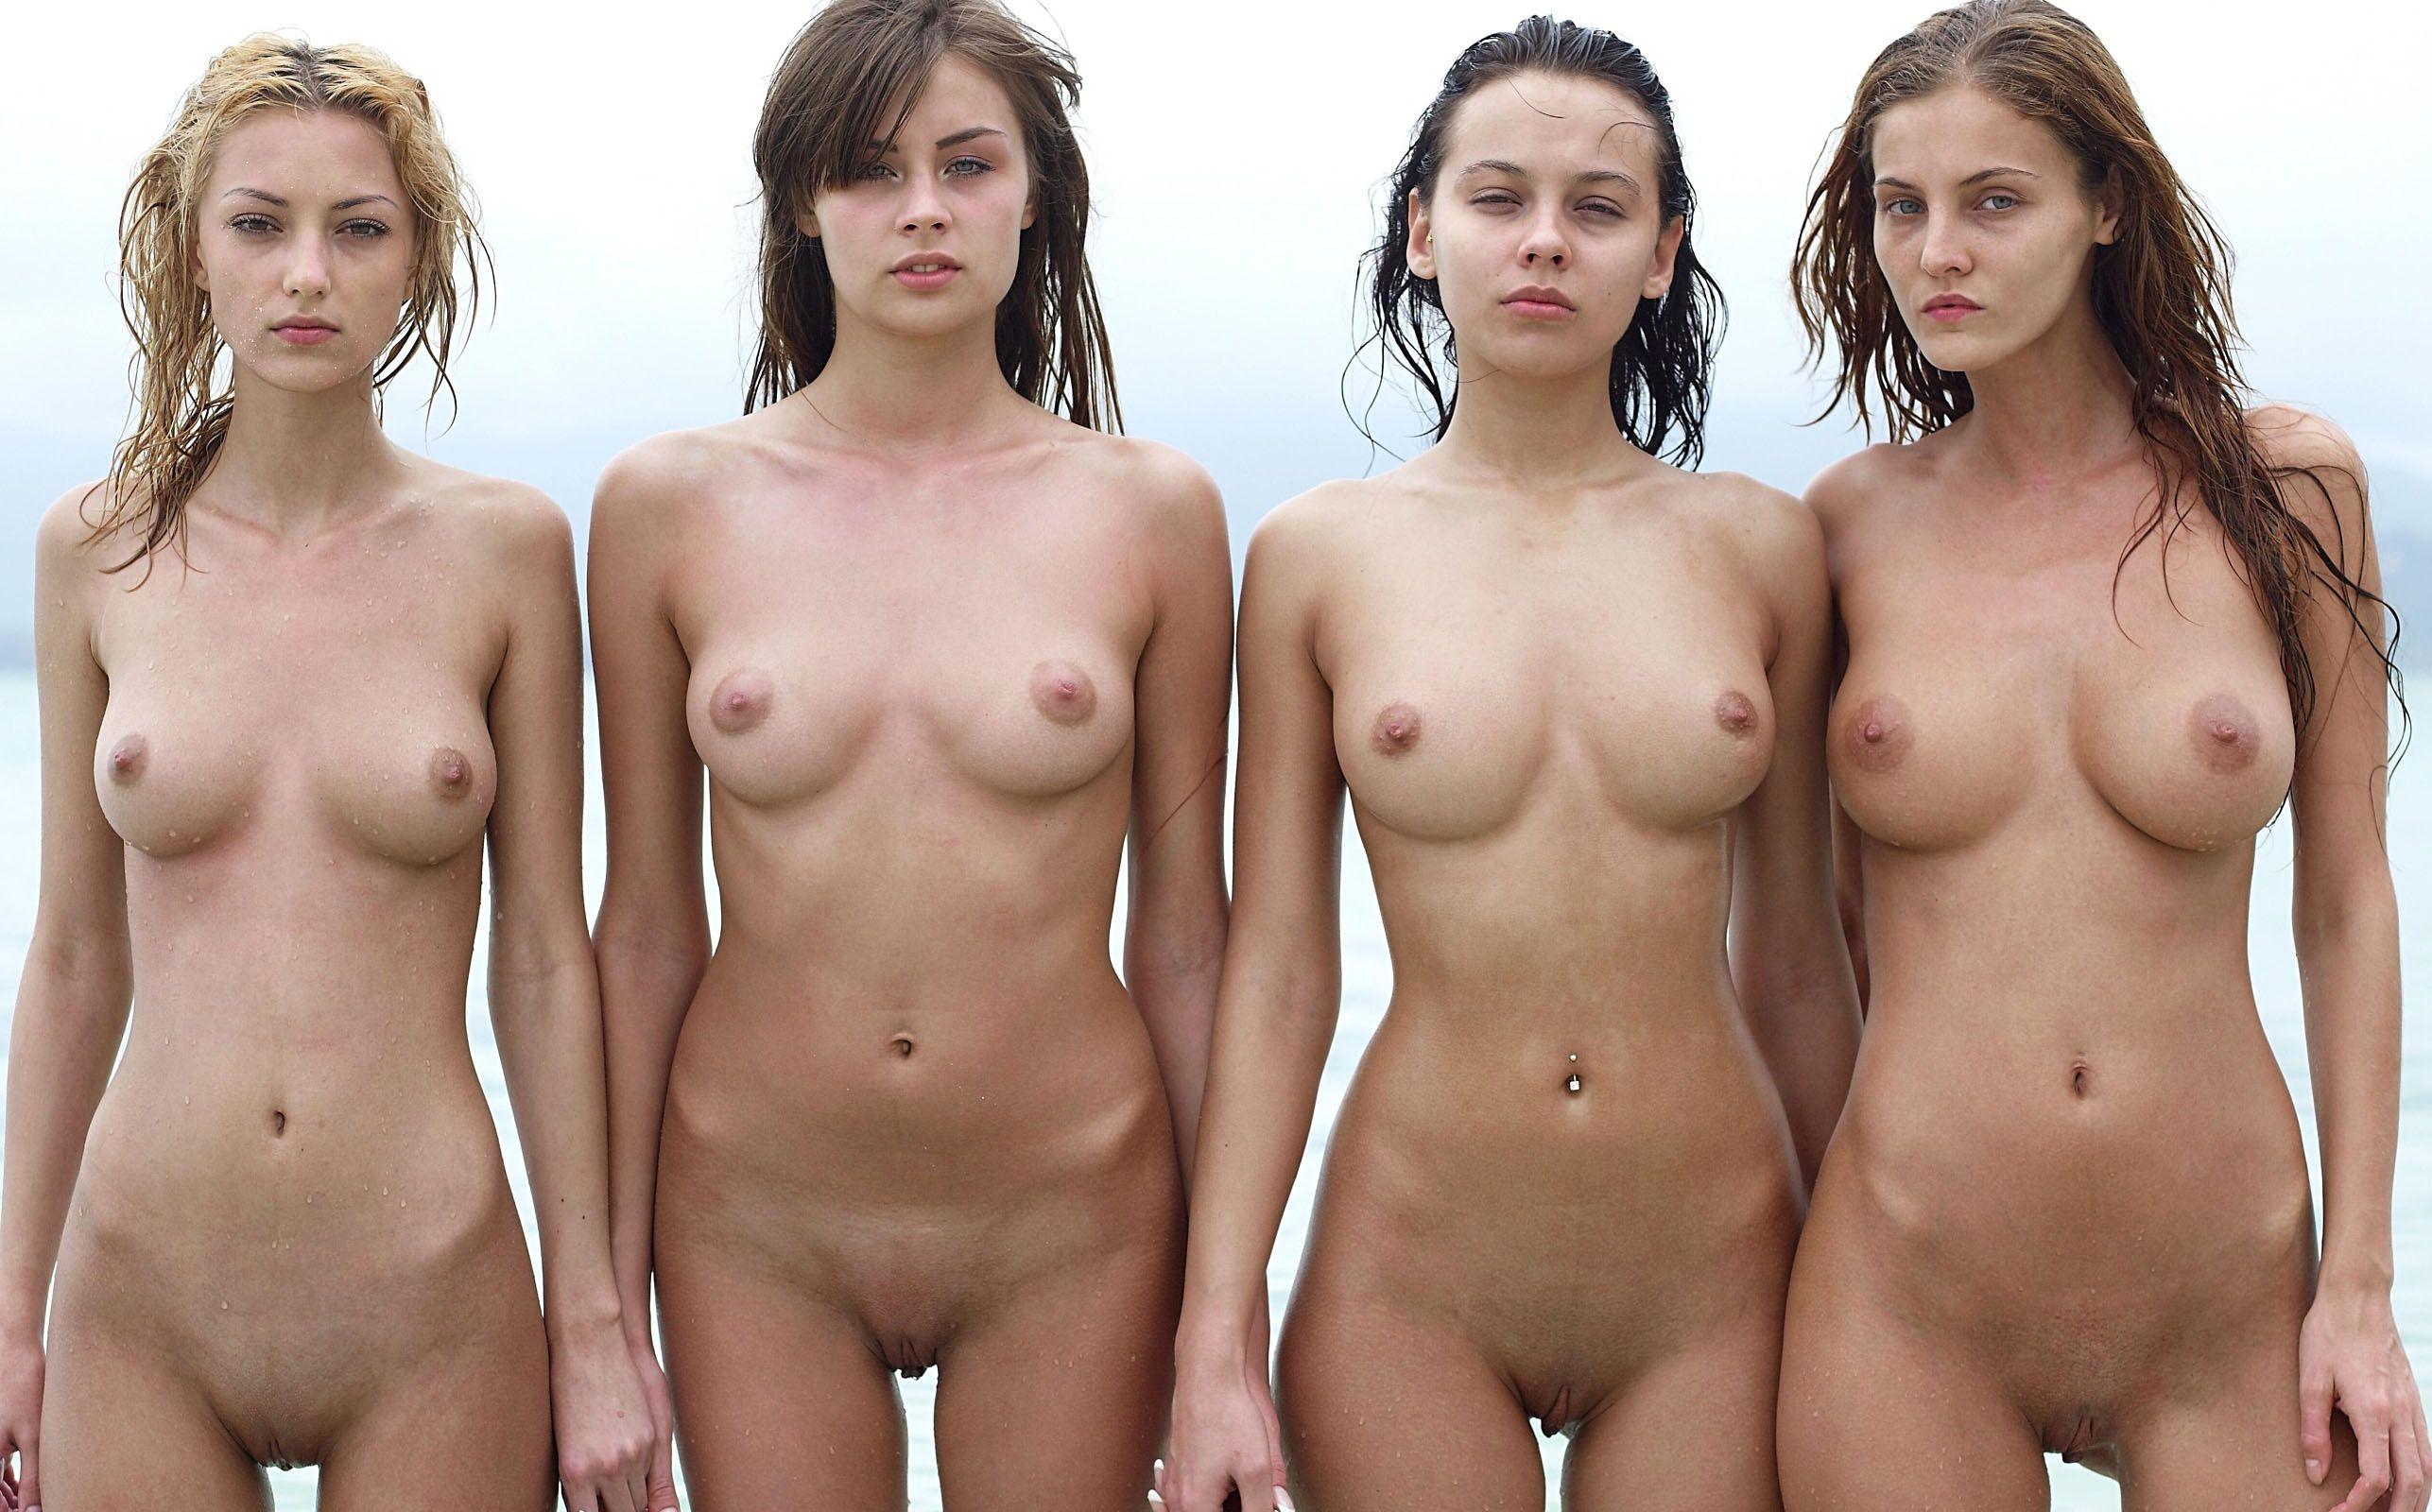 Teen girl pic naked Pakistani girl